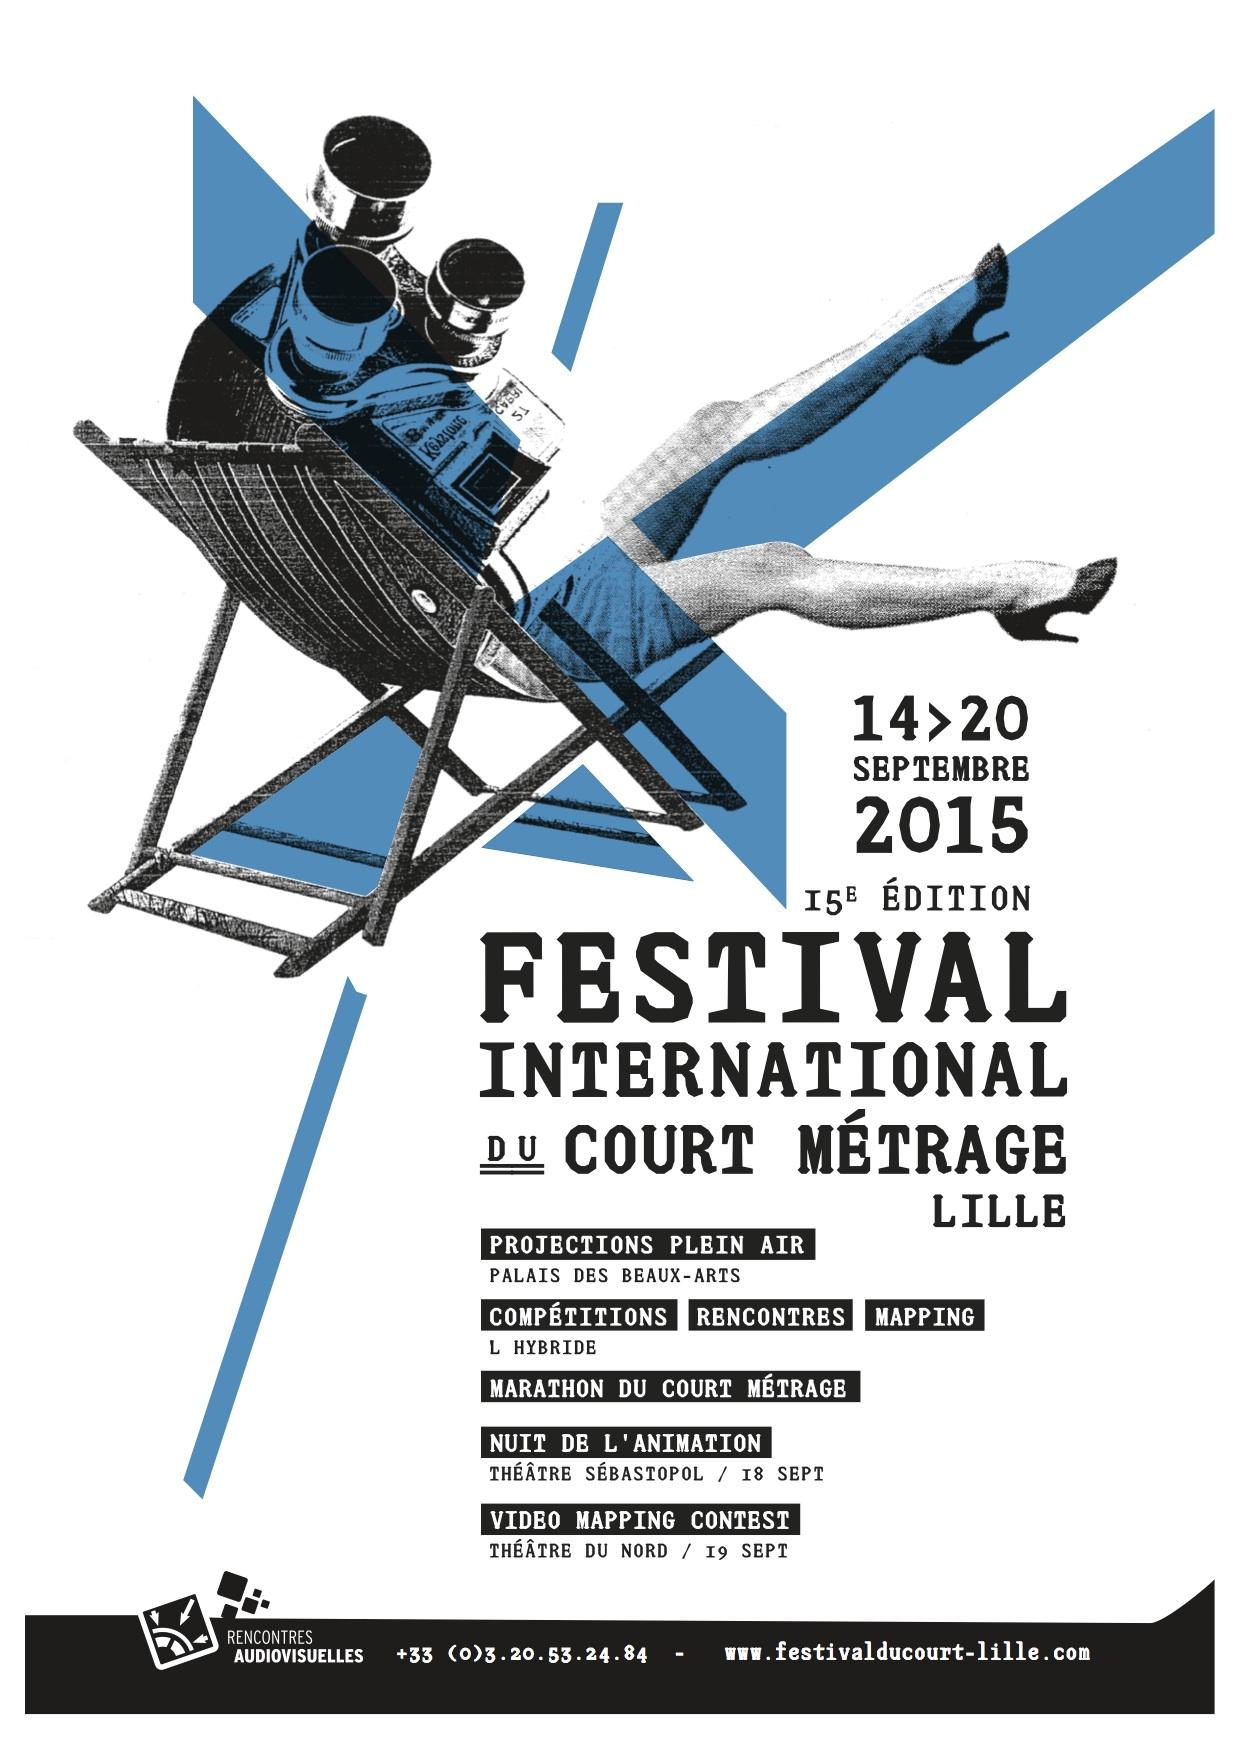 CEREMONIE DE CLOTURE DU FESTIVAL INTERNATIONAL DU COURT-MÉTRAGE